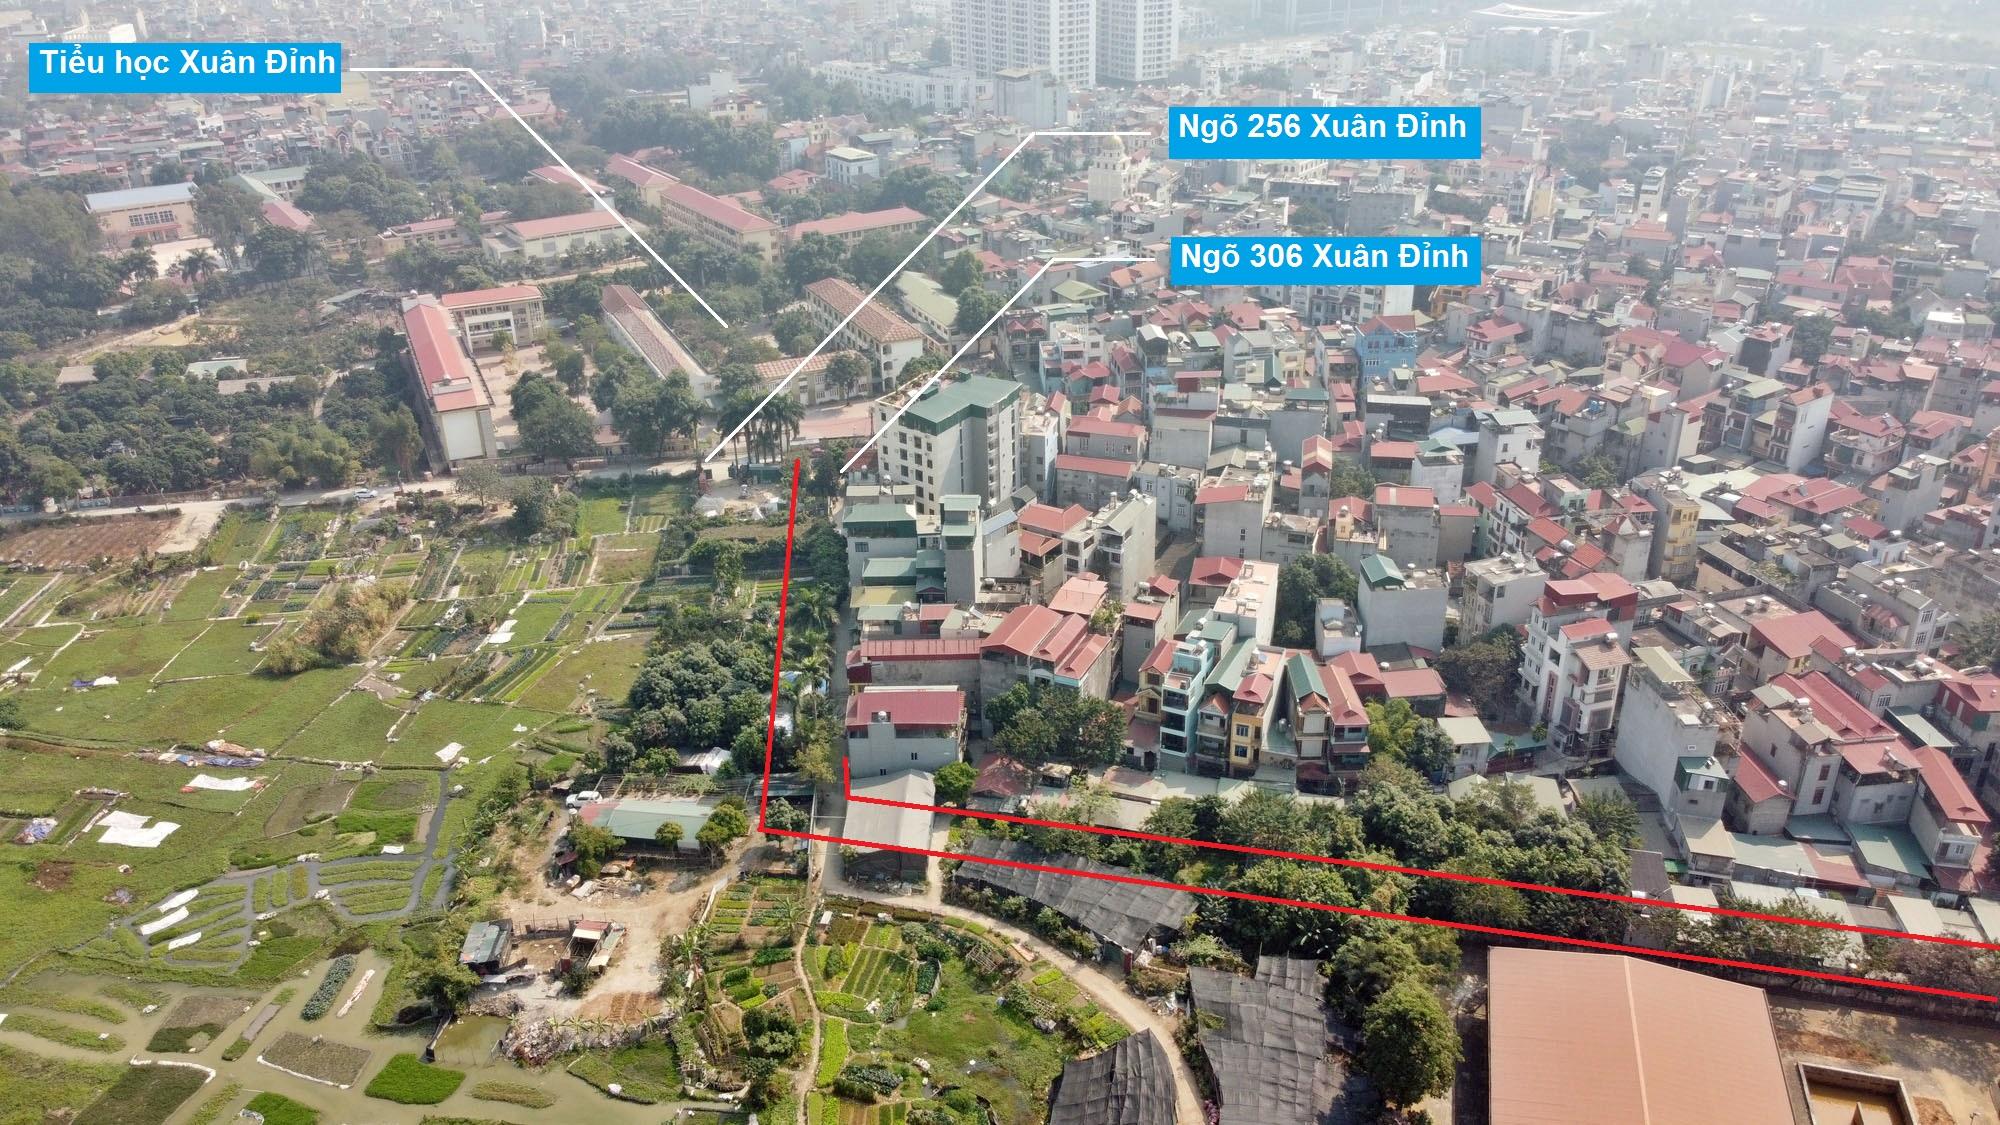 Ba đường sẽ mở theo qui hoạch ở phường Xuân Đỉnh, Bắc Từ Liêm, Hà Nội (phần 2) - Ảnh 14.